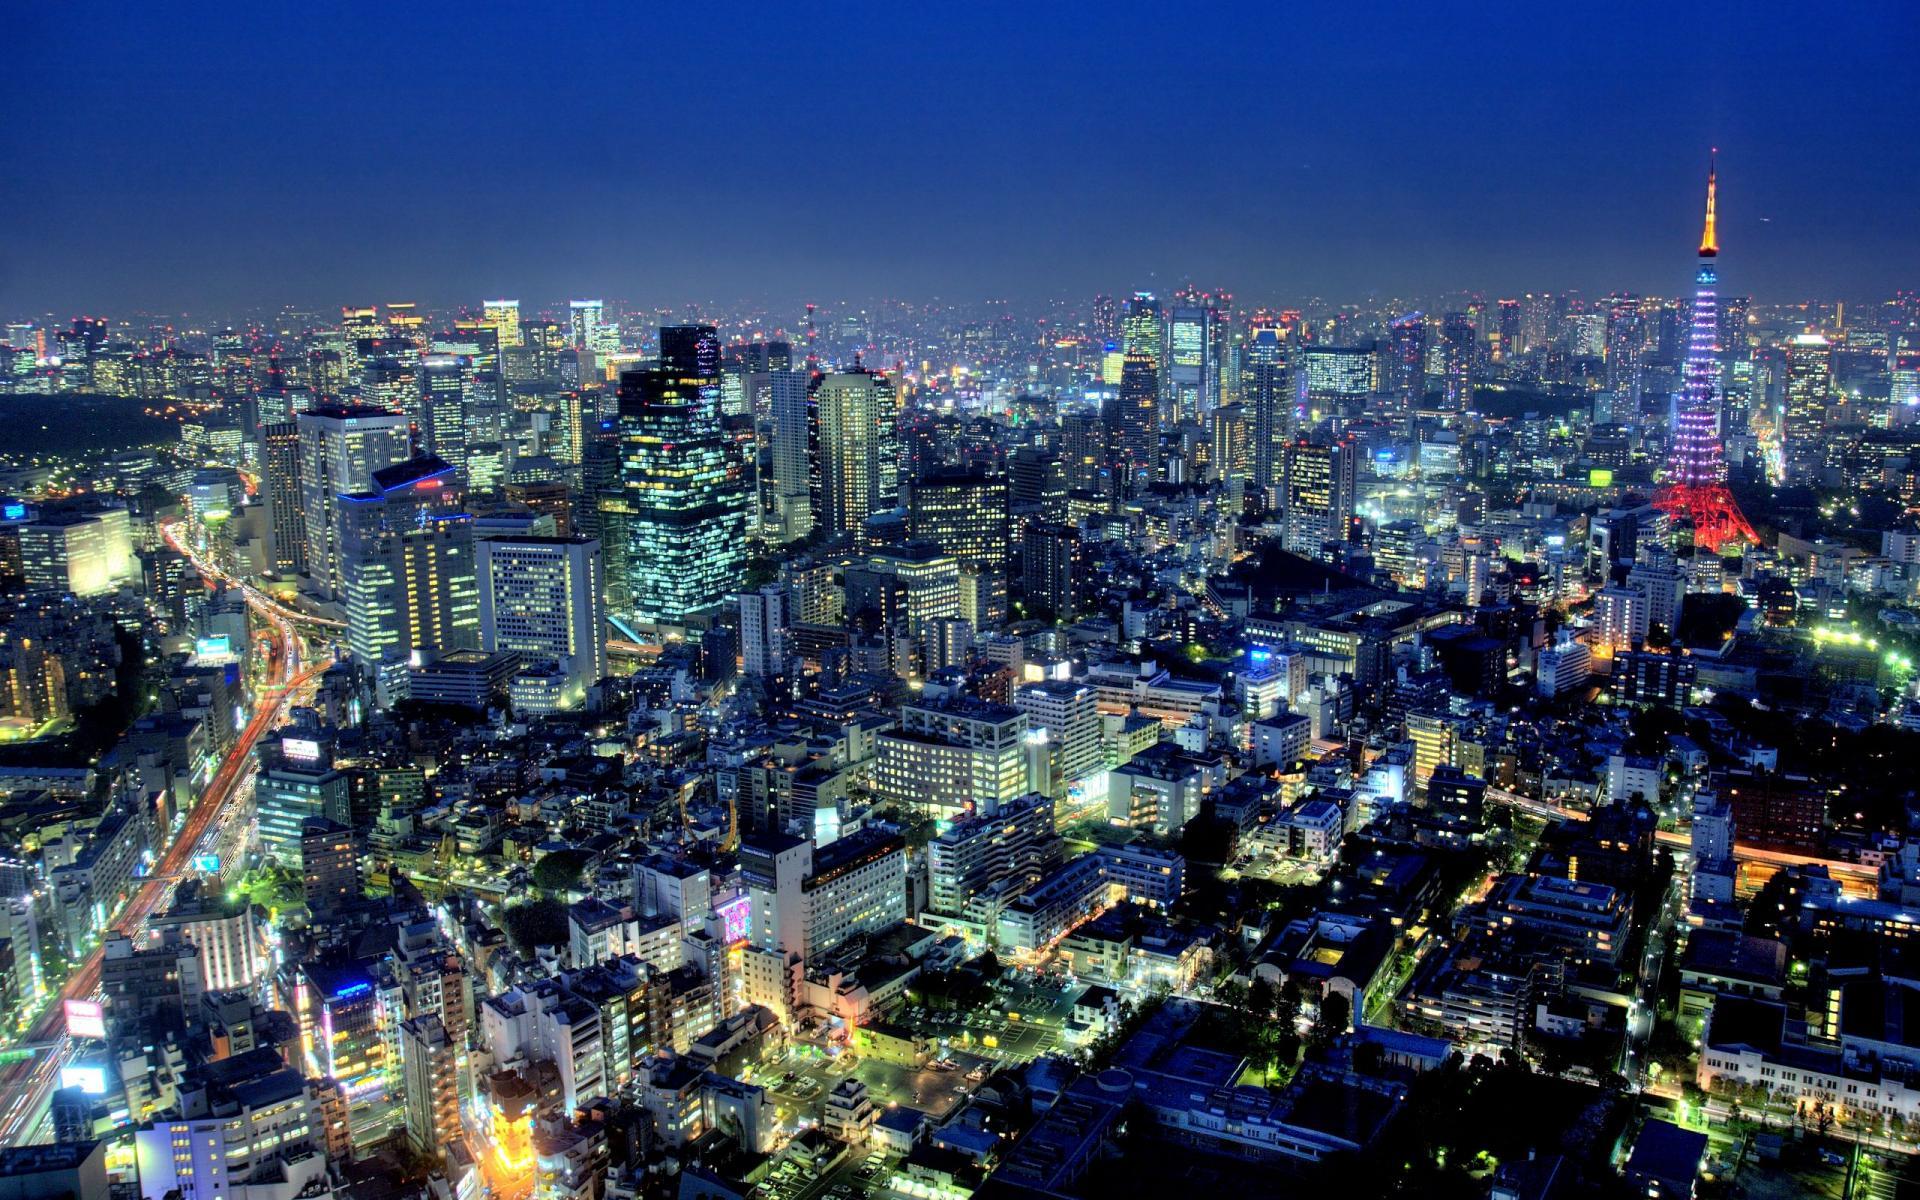 Fonds d'écran Tokyo PC et Tablettes (iPad, etc...)